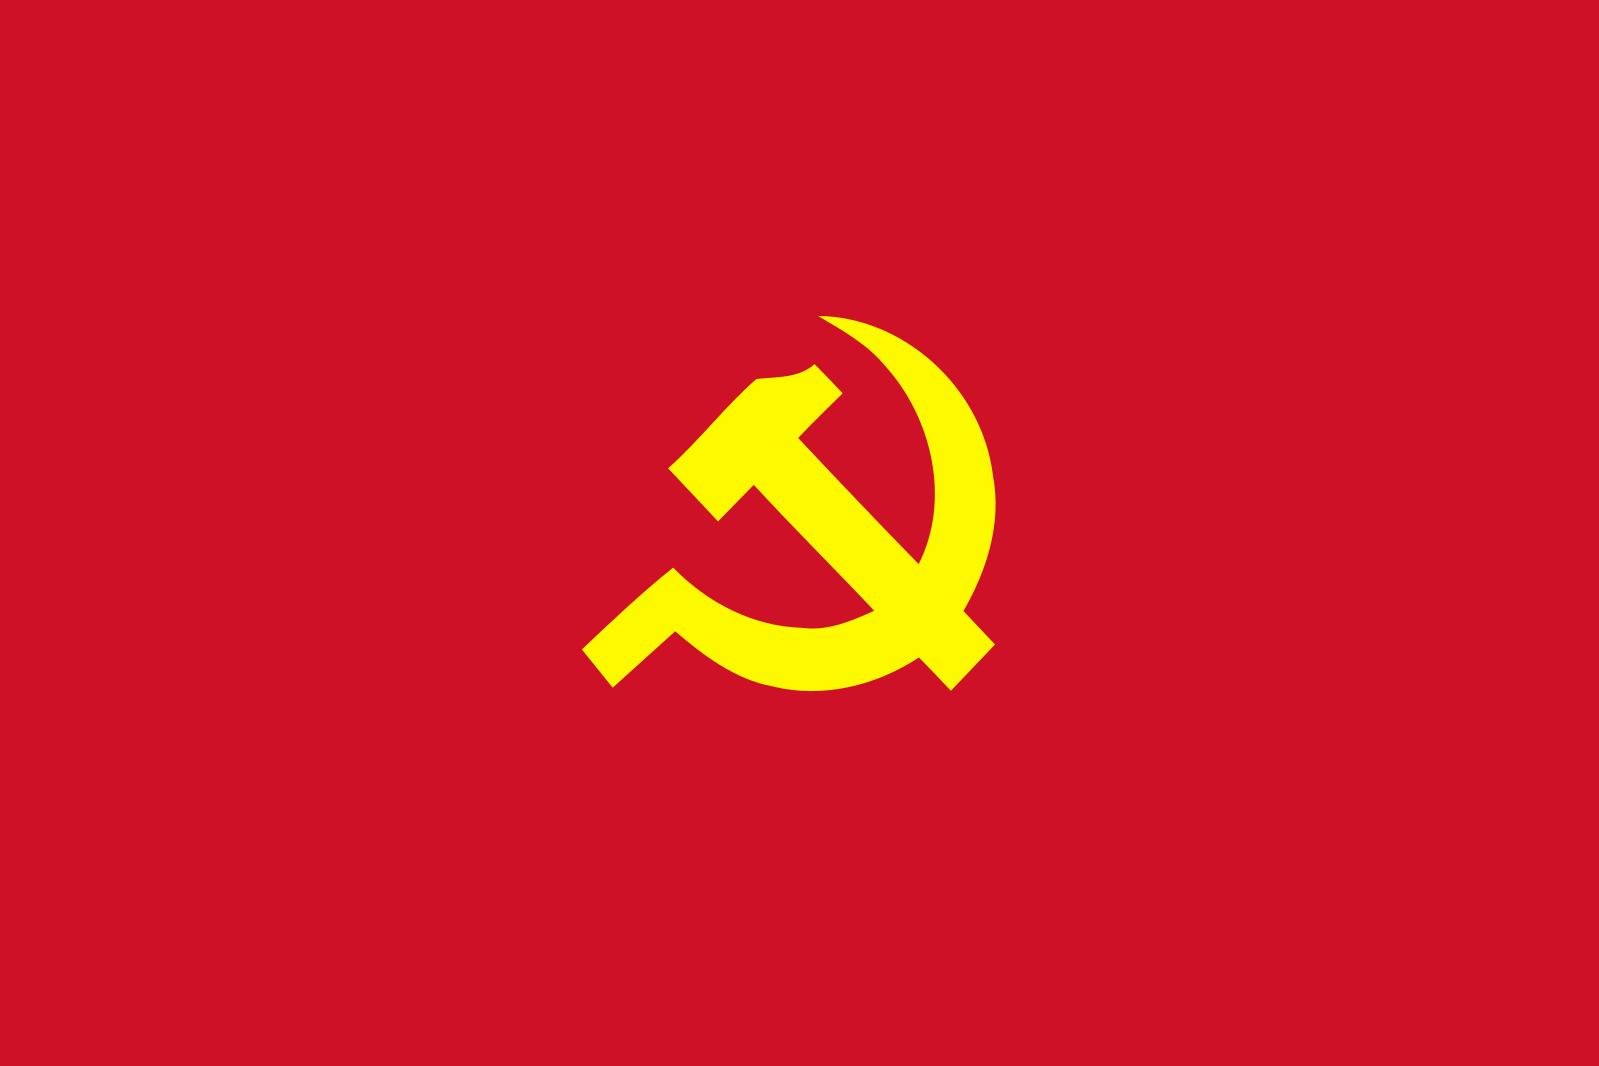 מה ההבדל בין קומוניזם לסוציאליזם?